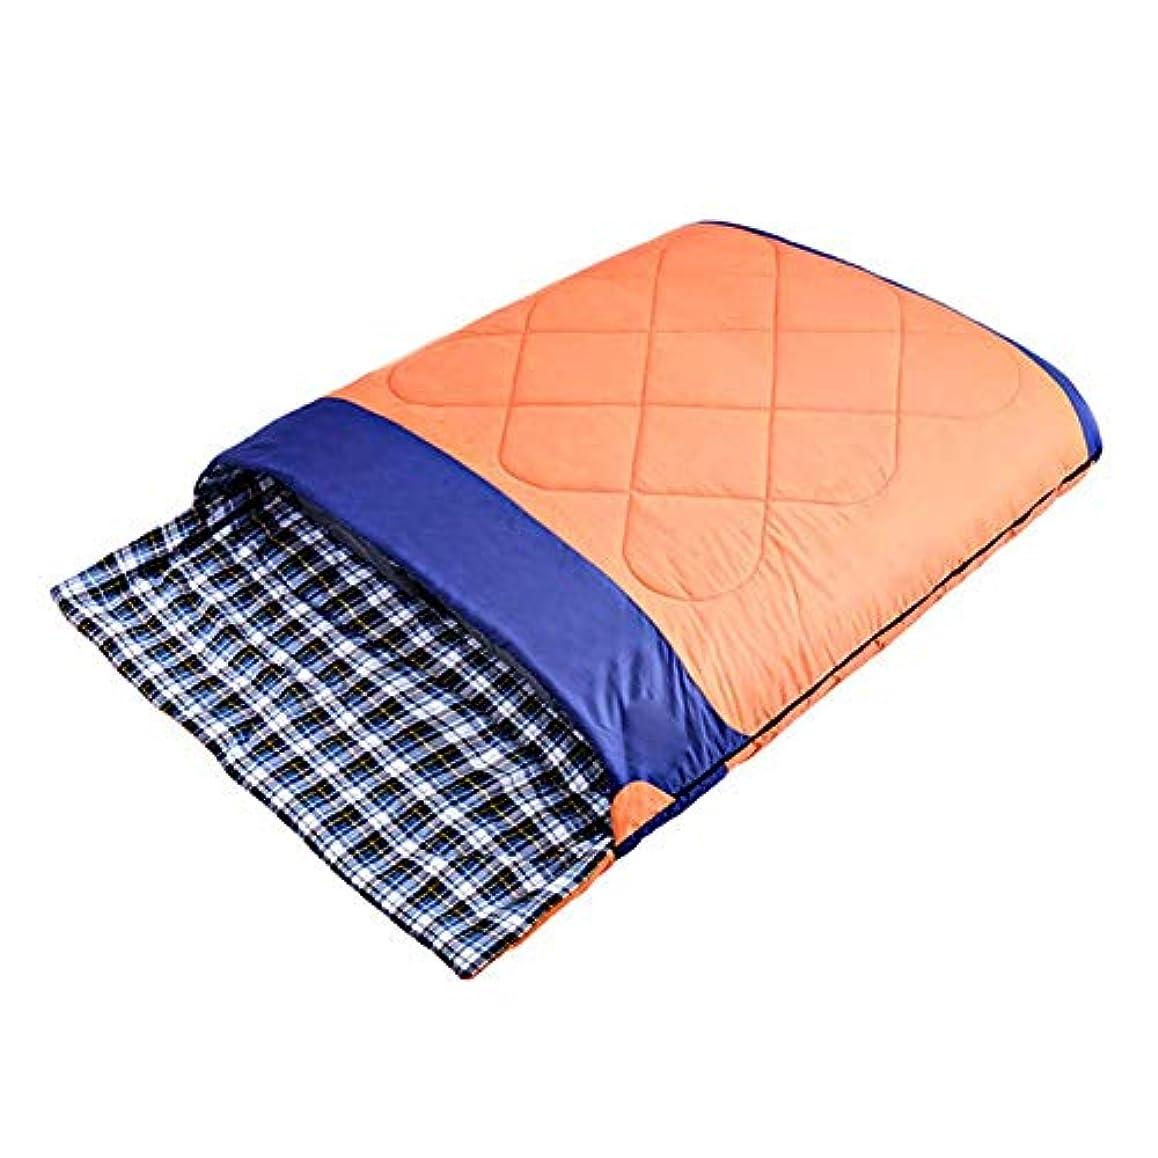 前帝国主義即席ダブルスリーピングバッグ、 圧縮袋ライトおよび防水四季の普遍的な寝袋の屋外のキャンプを使って